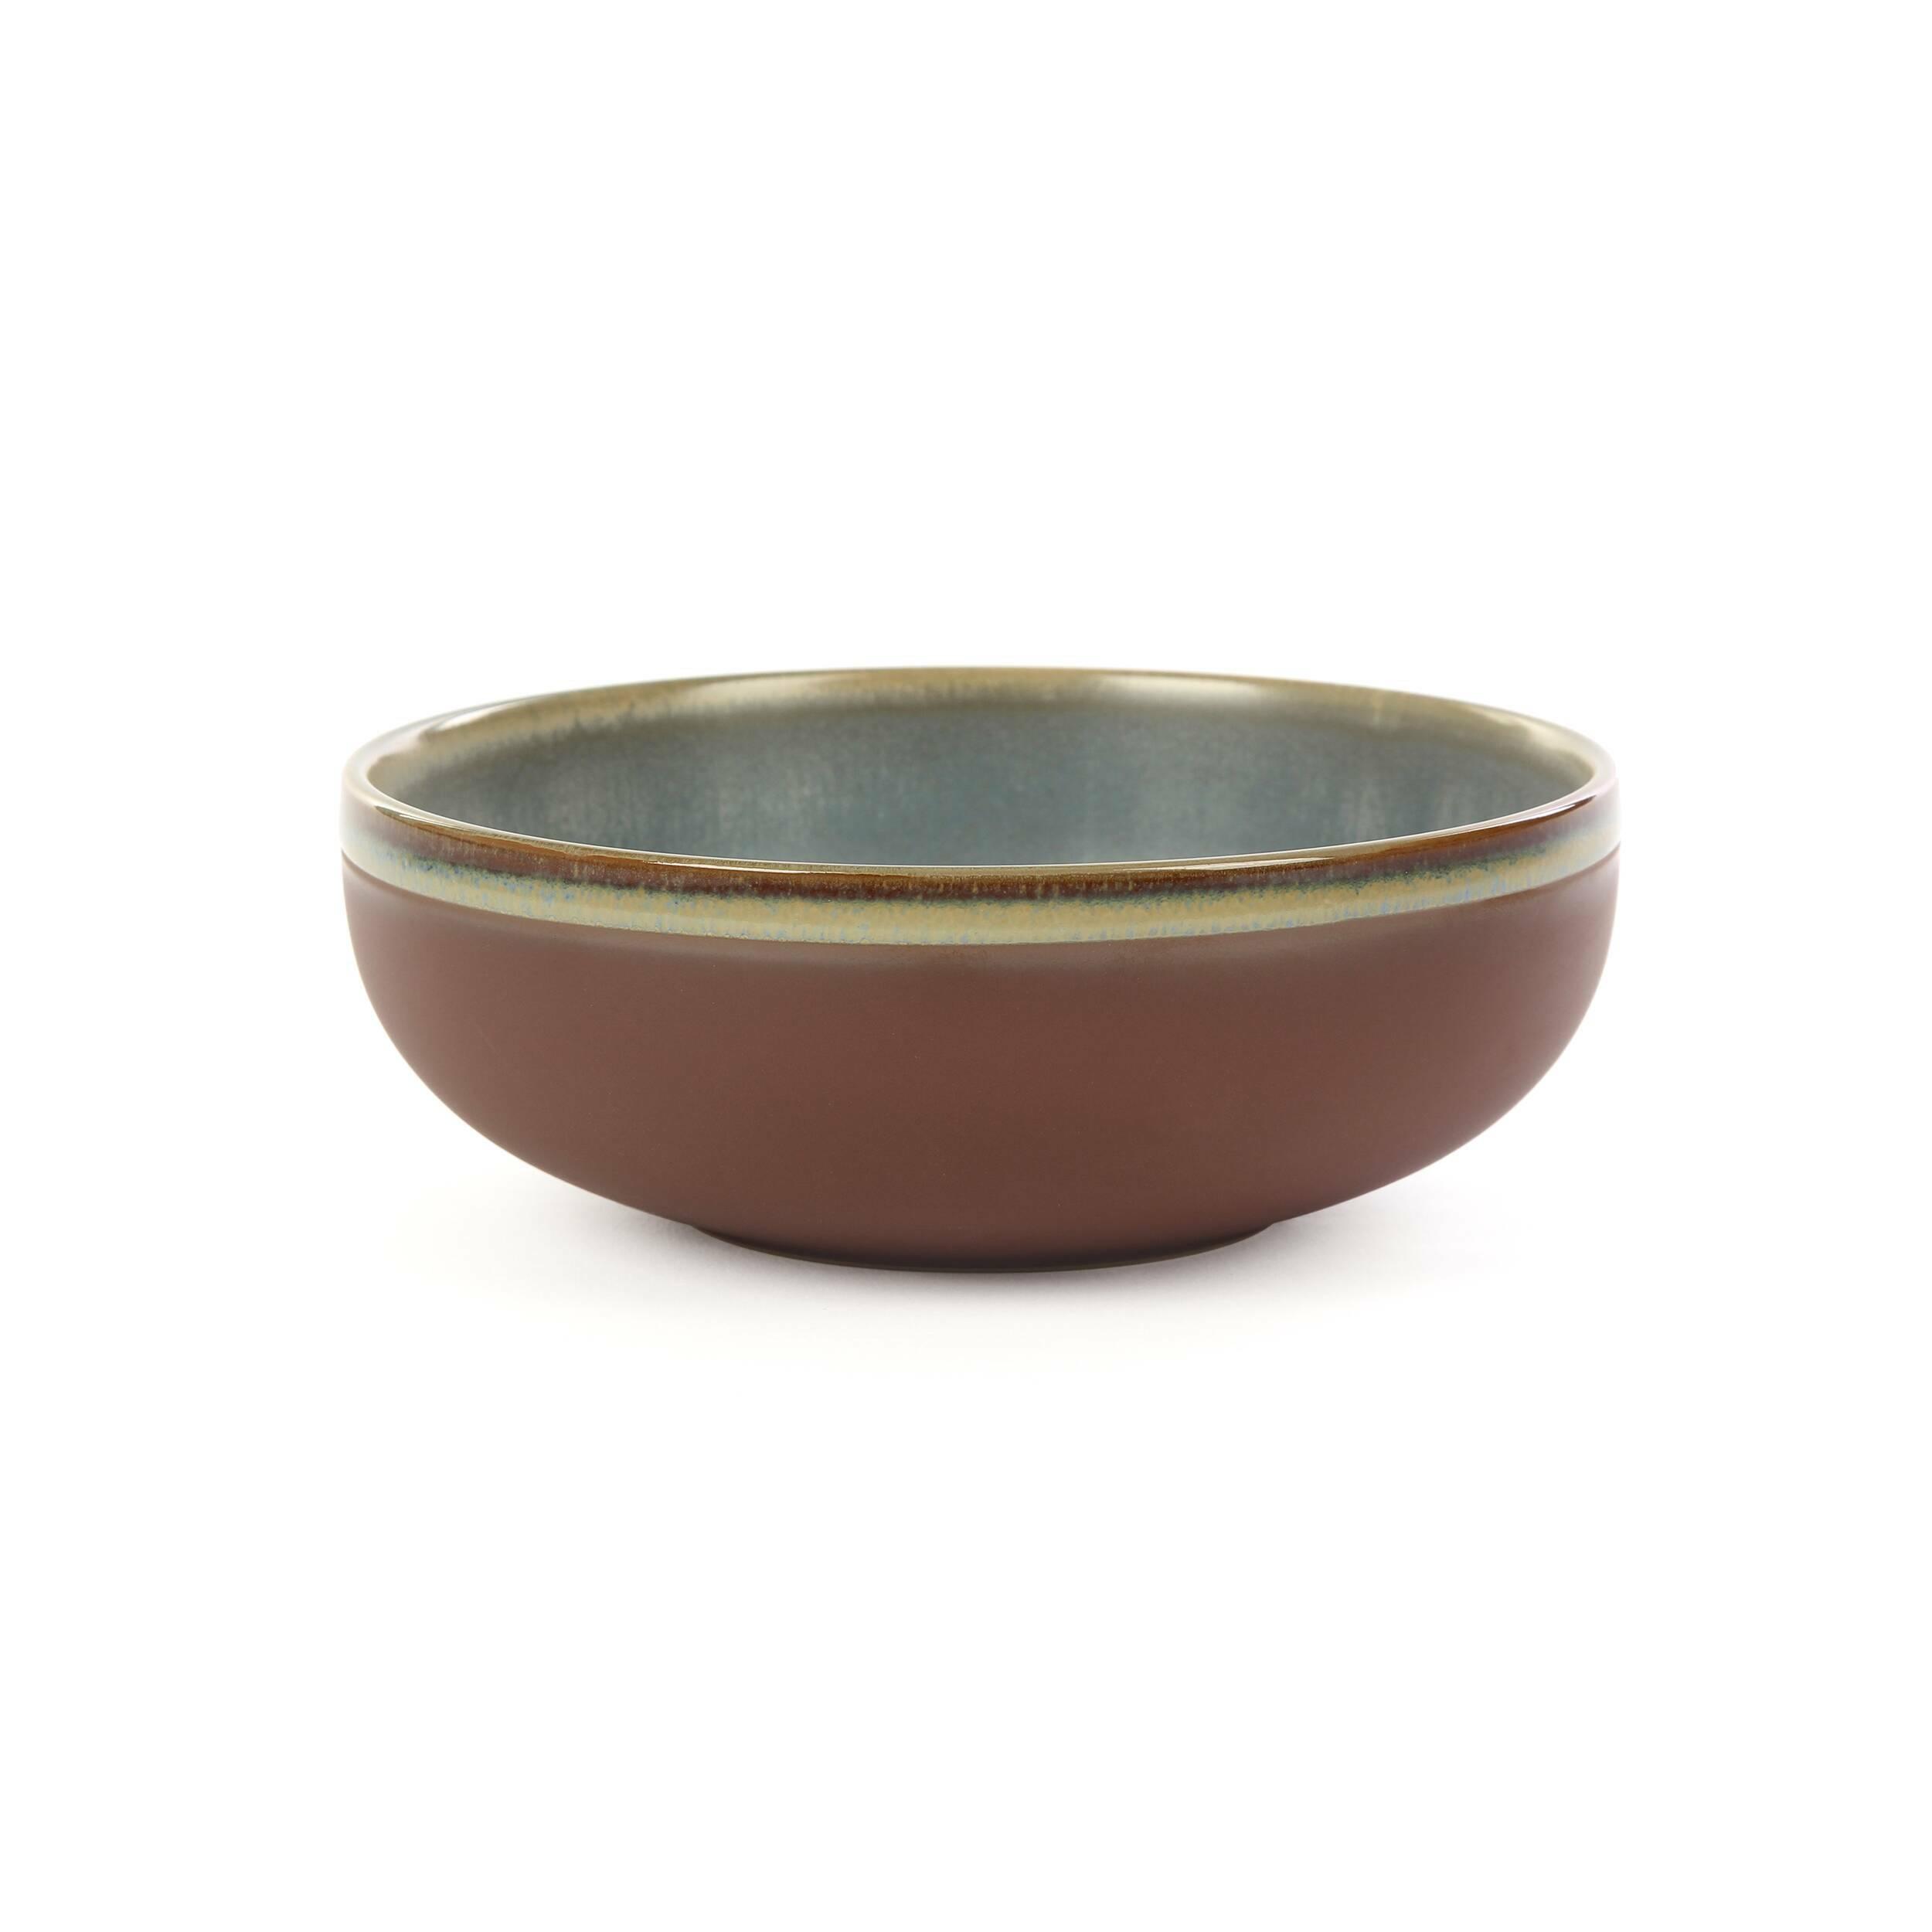 Посуда Cosmo 15578113 от Cosmorelax